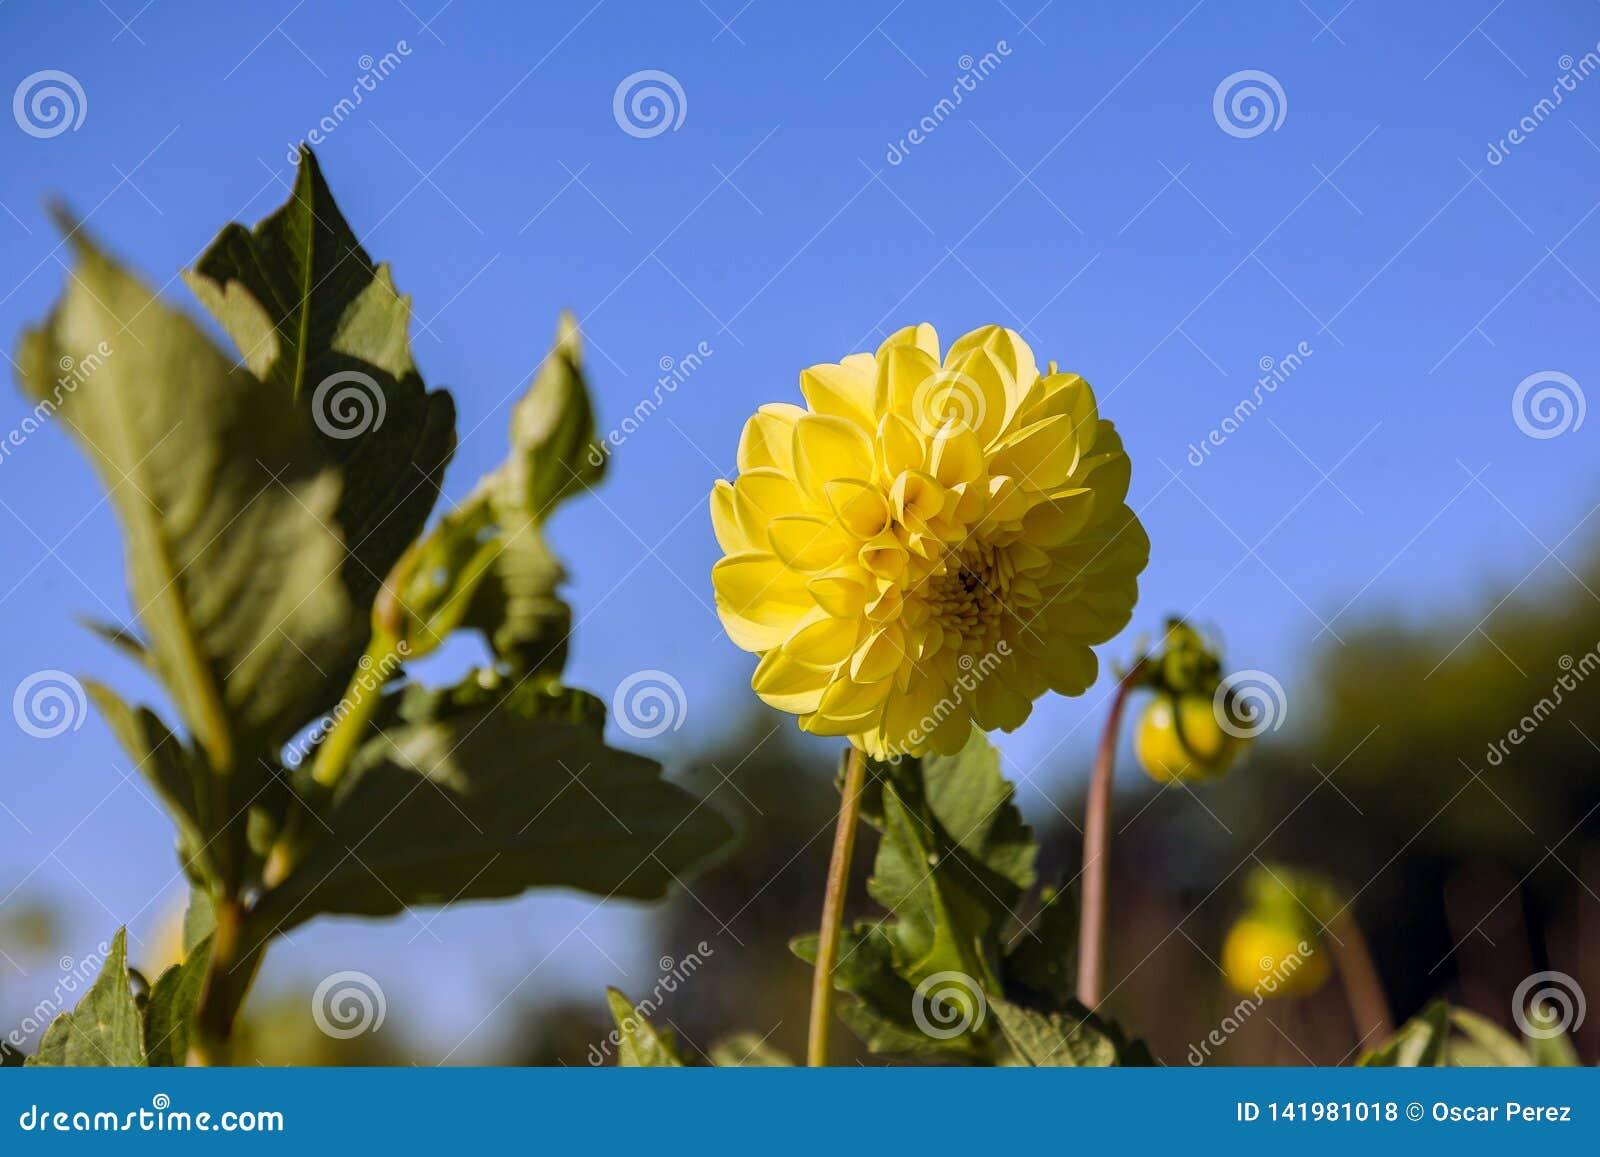 Цветок георгина, который выросли в диком поле